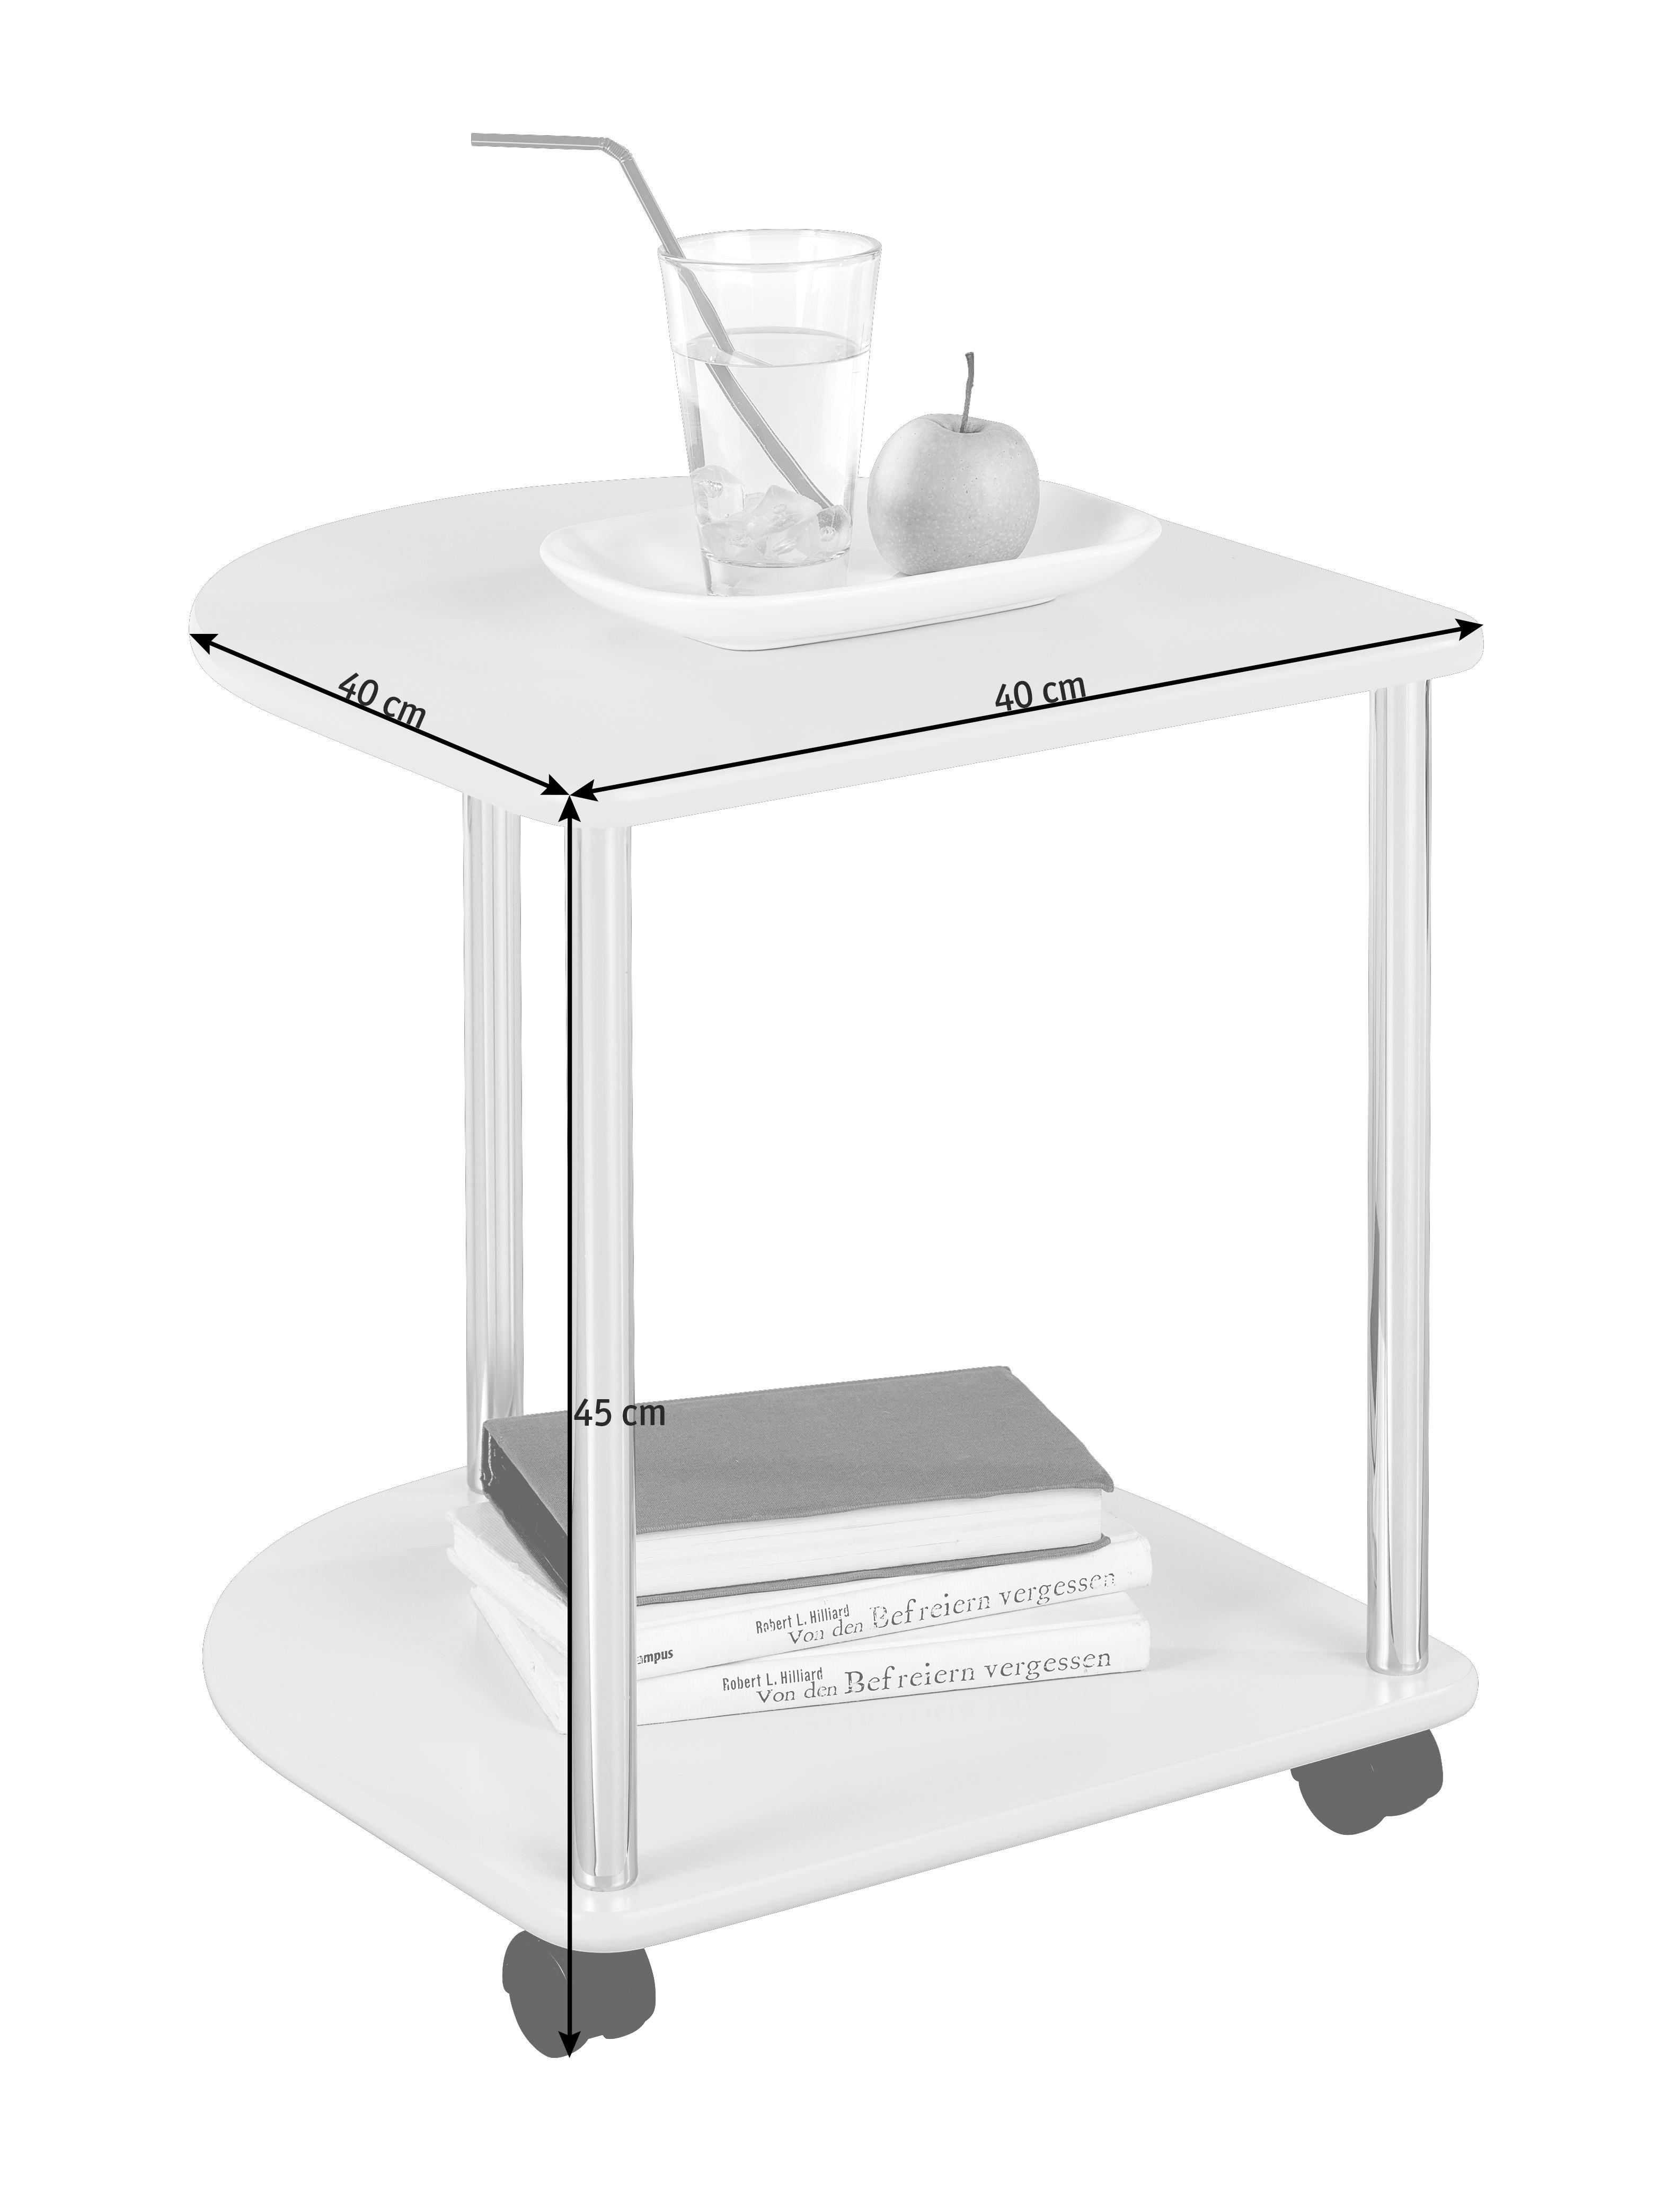 AVLASTNINGSBORD - vit/kromfärg, Design, metall/träbaserade material (40/45/40cm) - CARRYHOME